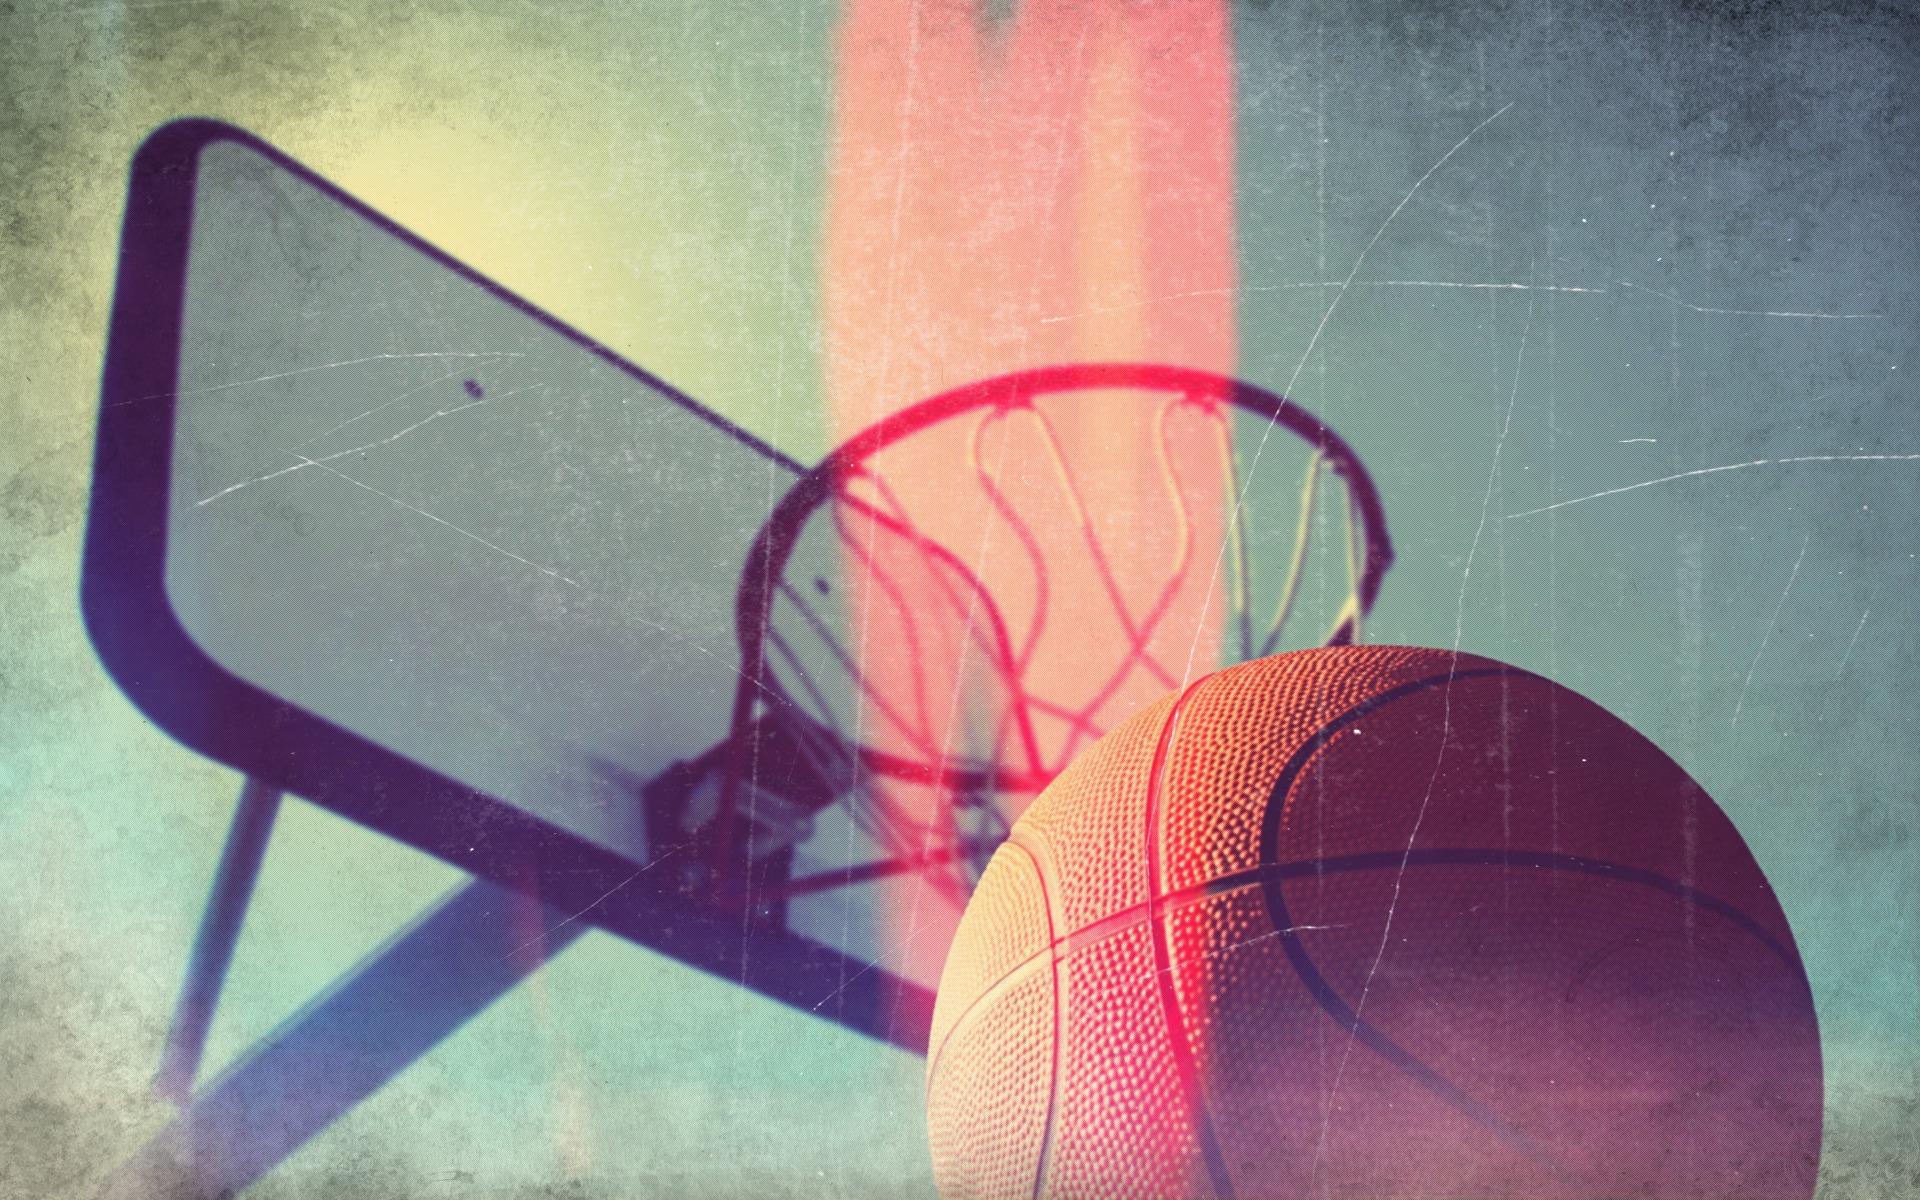 343344_basketbol_myach_korzina_sport_svet_uzory_linij_1920x1200_(www.GdeFon.ru)